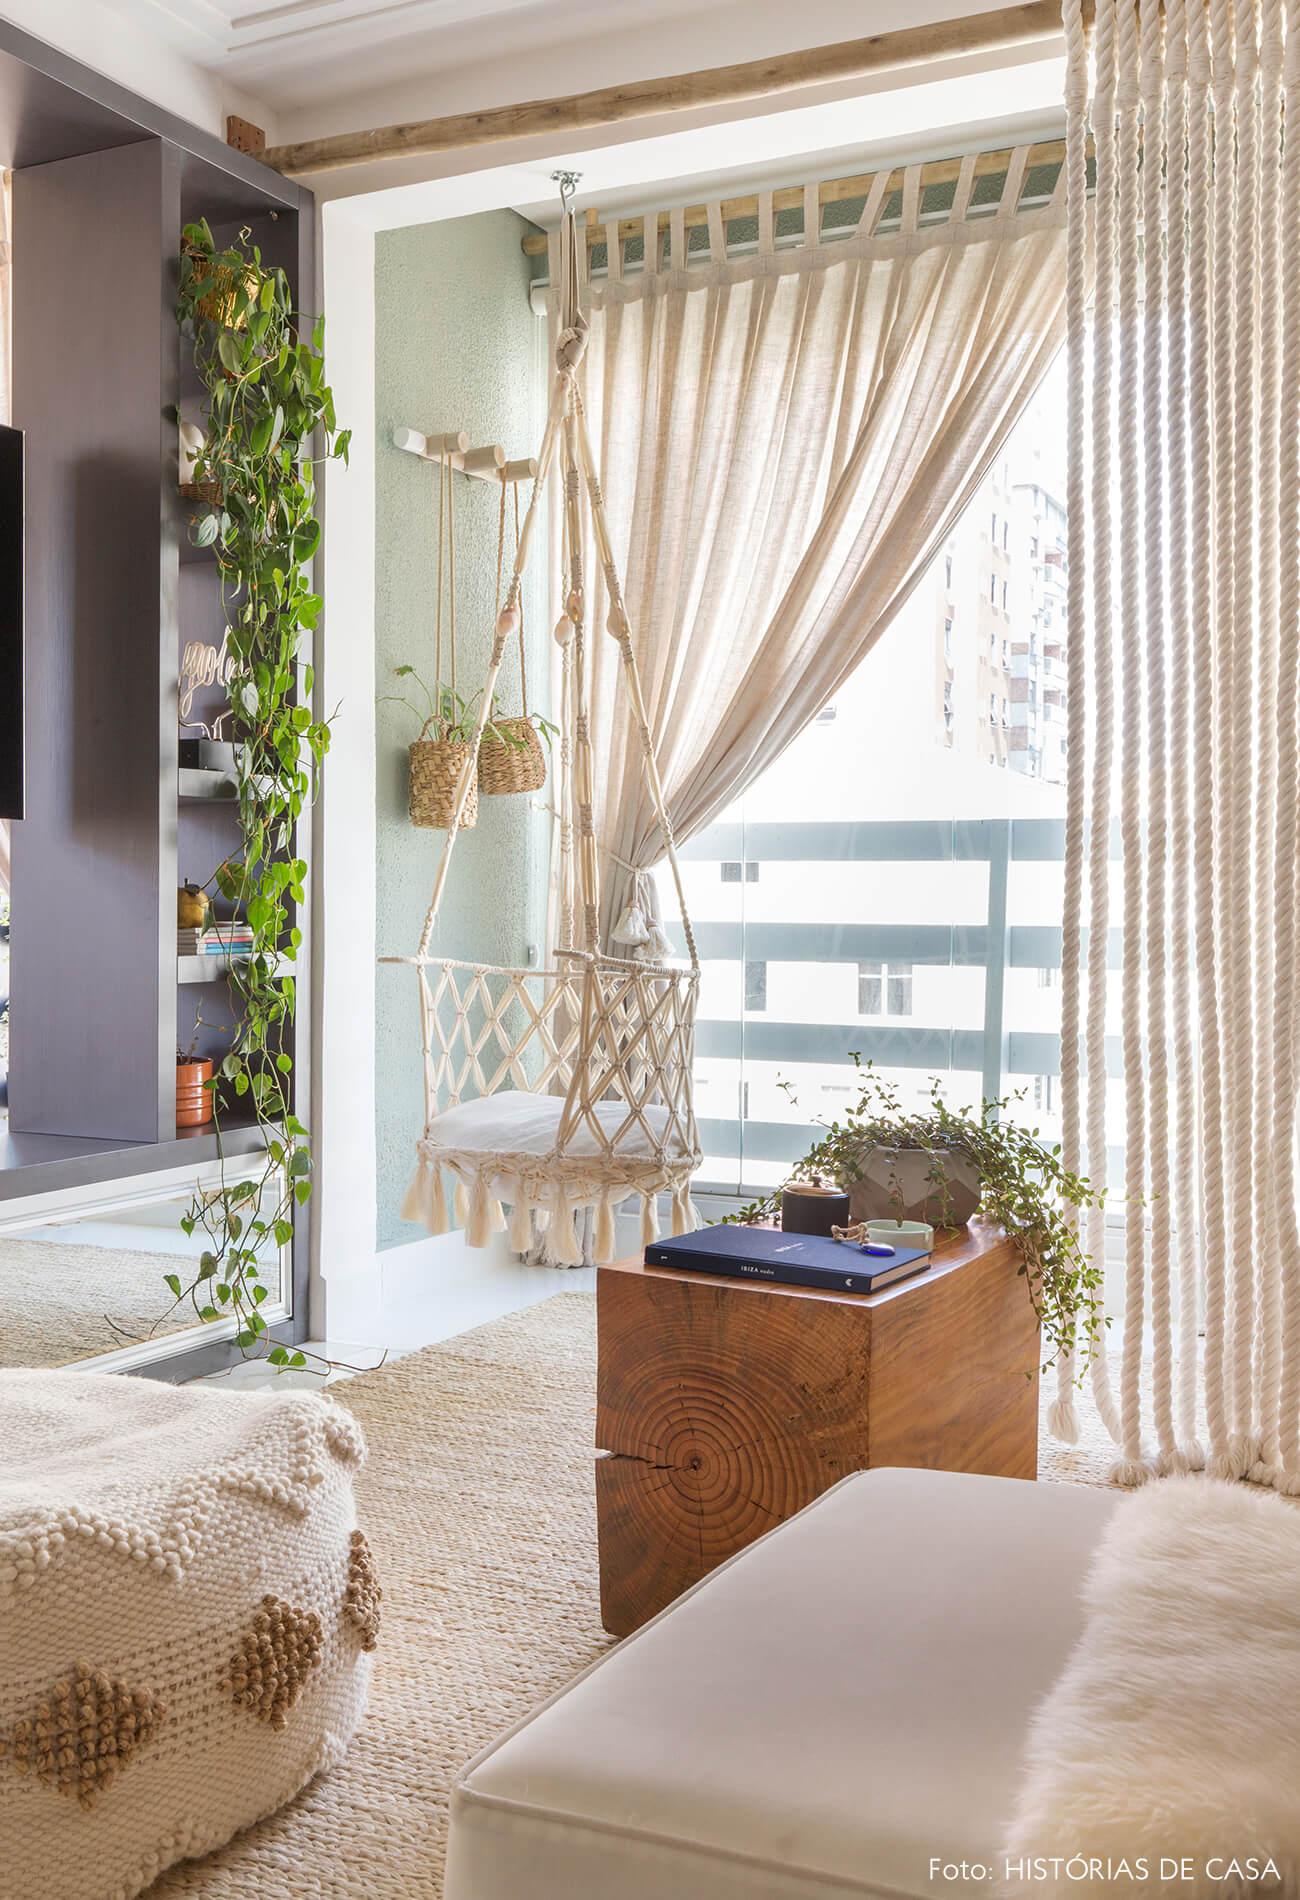 ju-cosi-decoração-sala-e-varanda-com-macrame-e-balanço